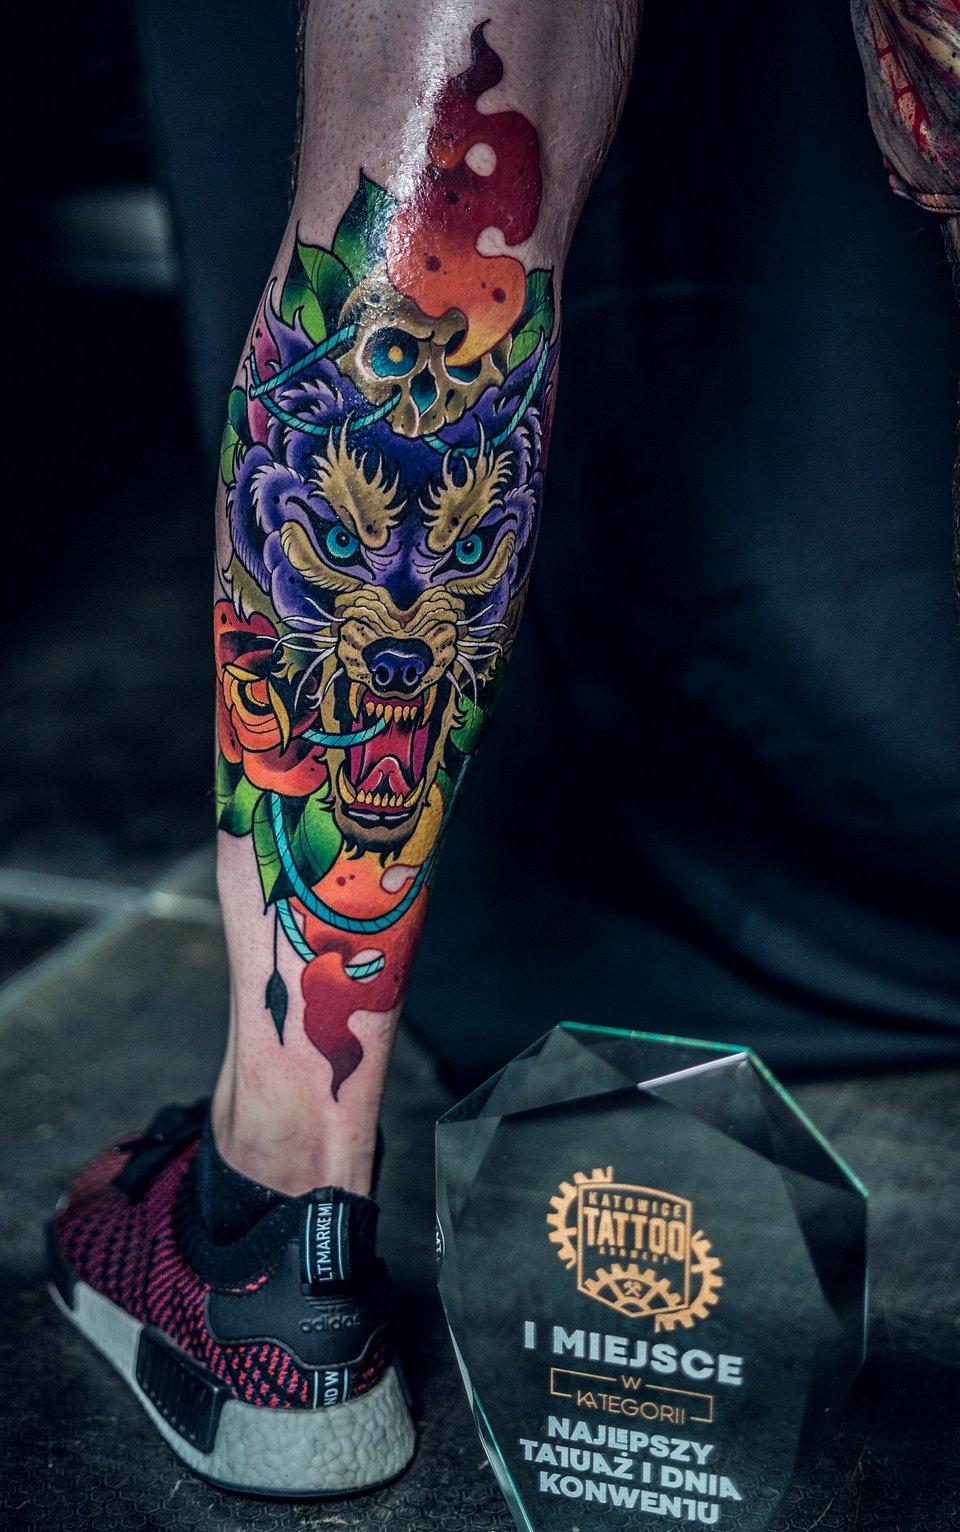 1MIEJSCE_najlepszy_tatuaz_I_dnia_konwentu_artysta_JOKER_EndorfineStudio_1.jpg